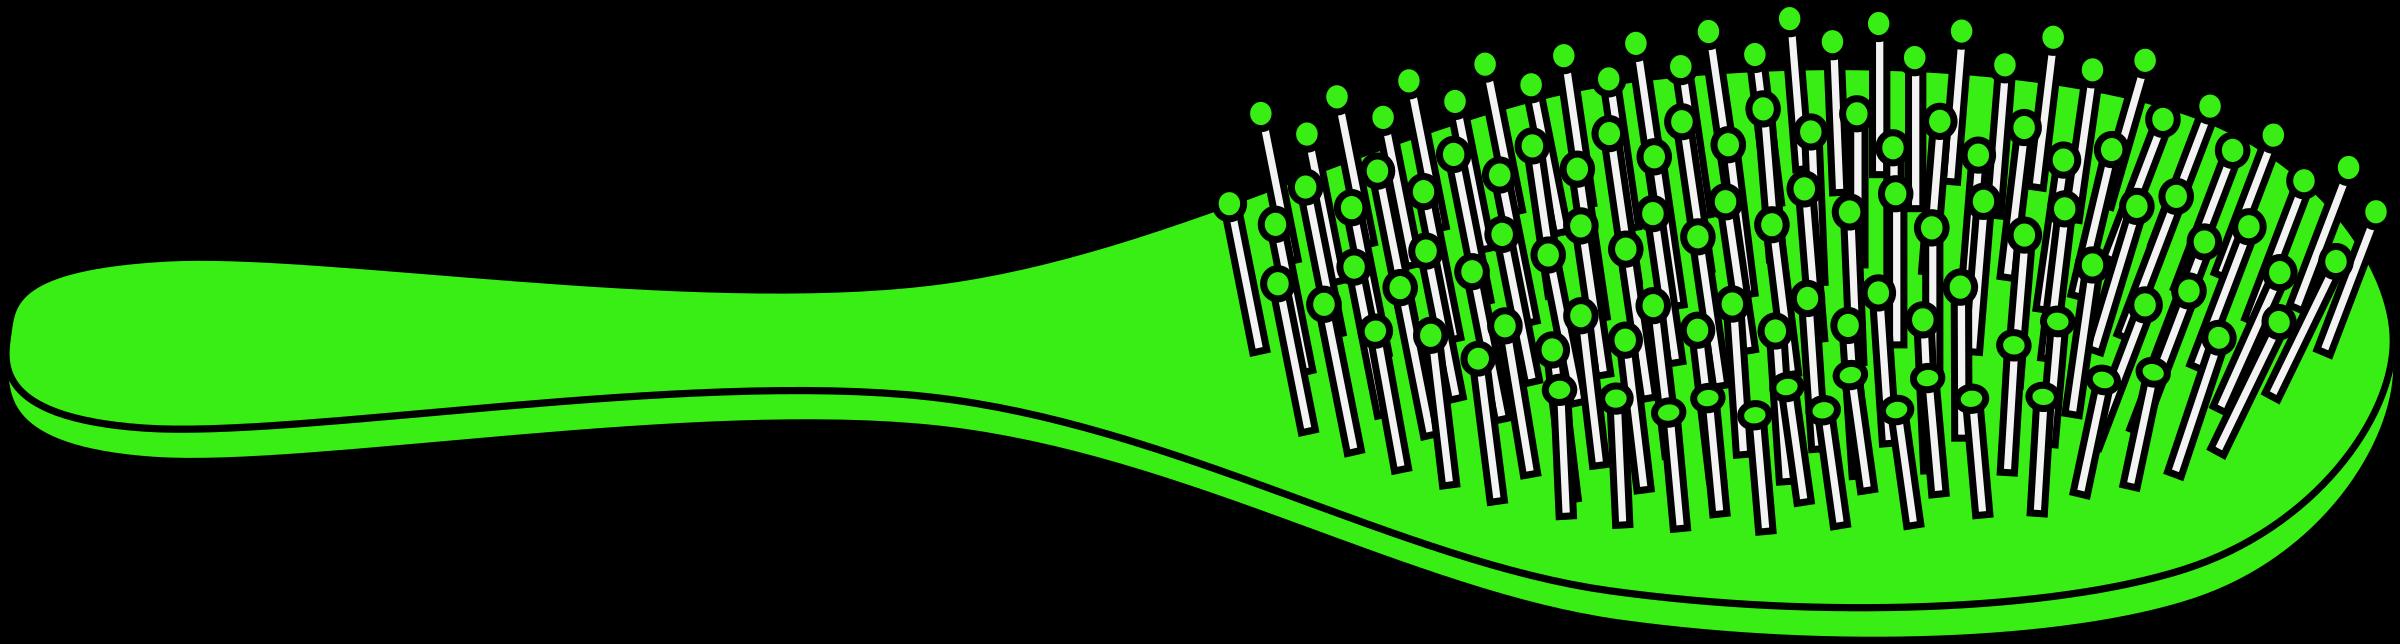 green clipart comb